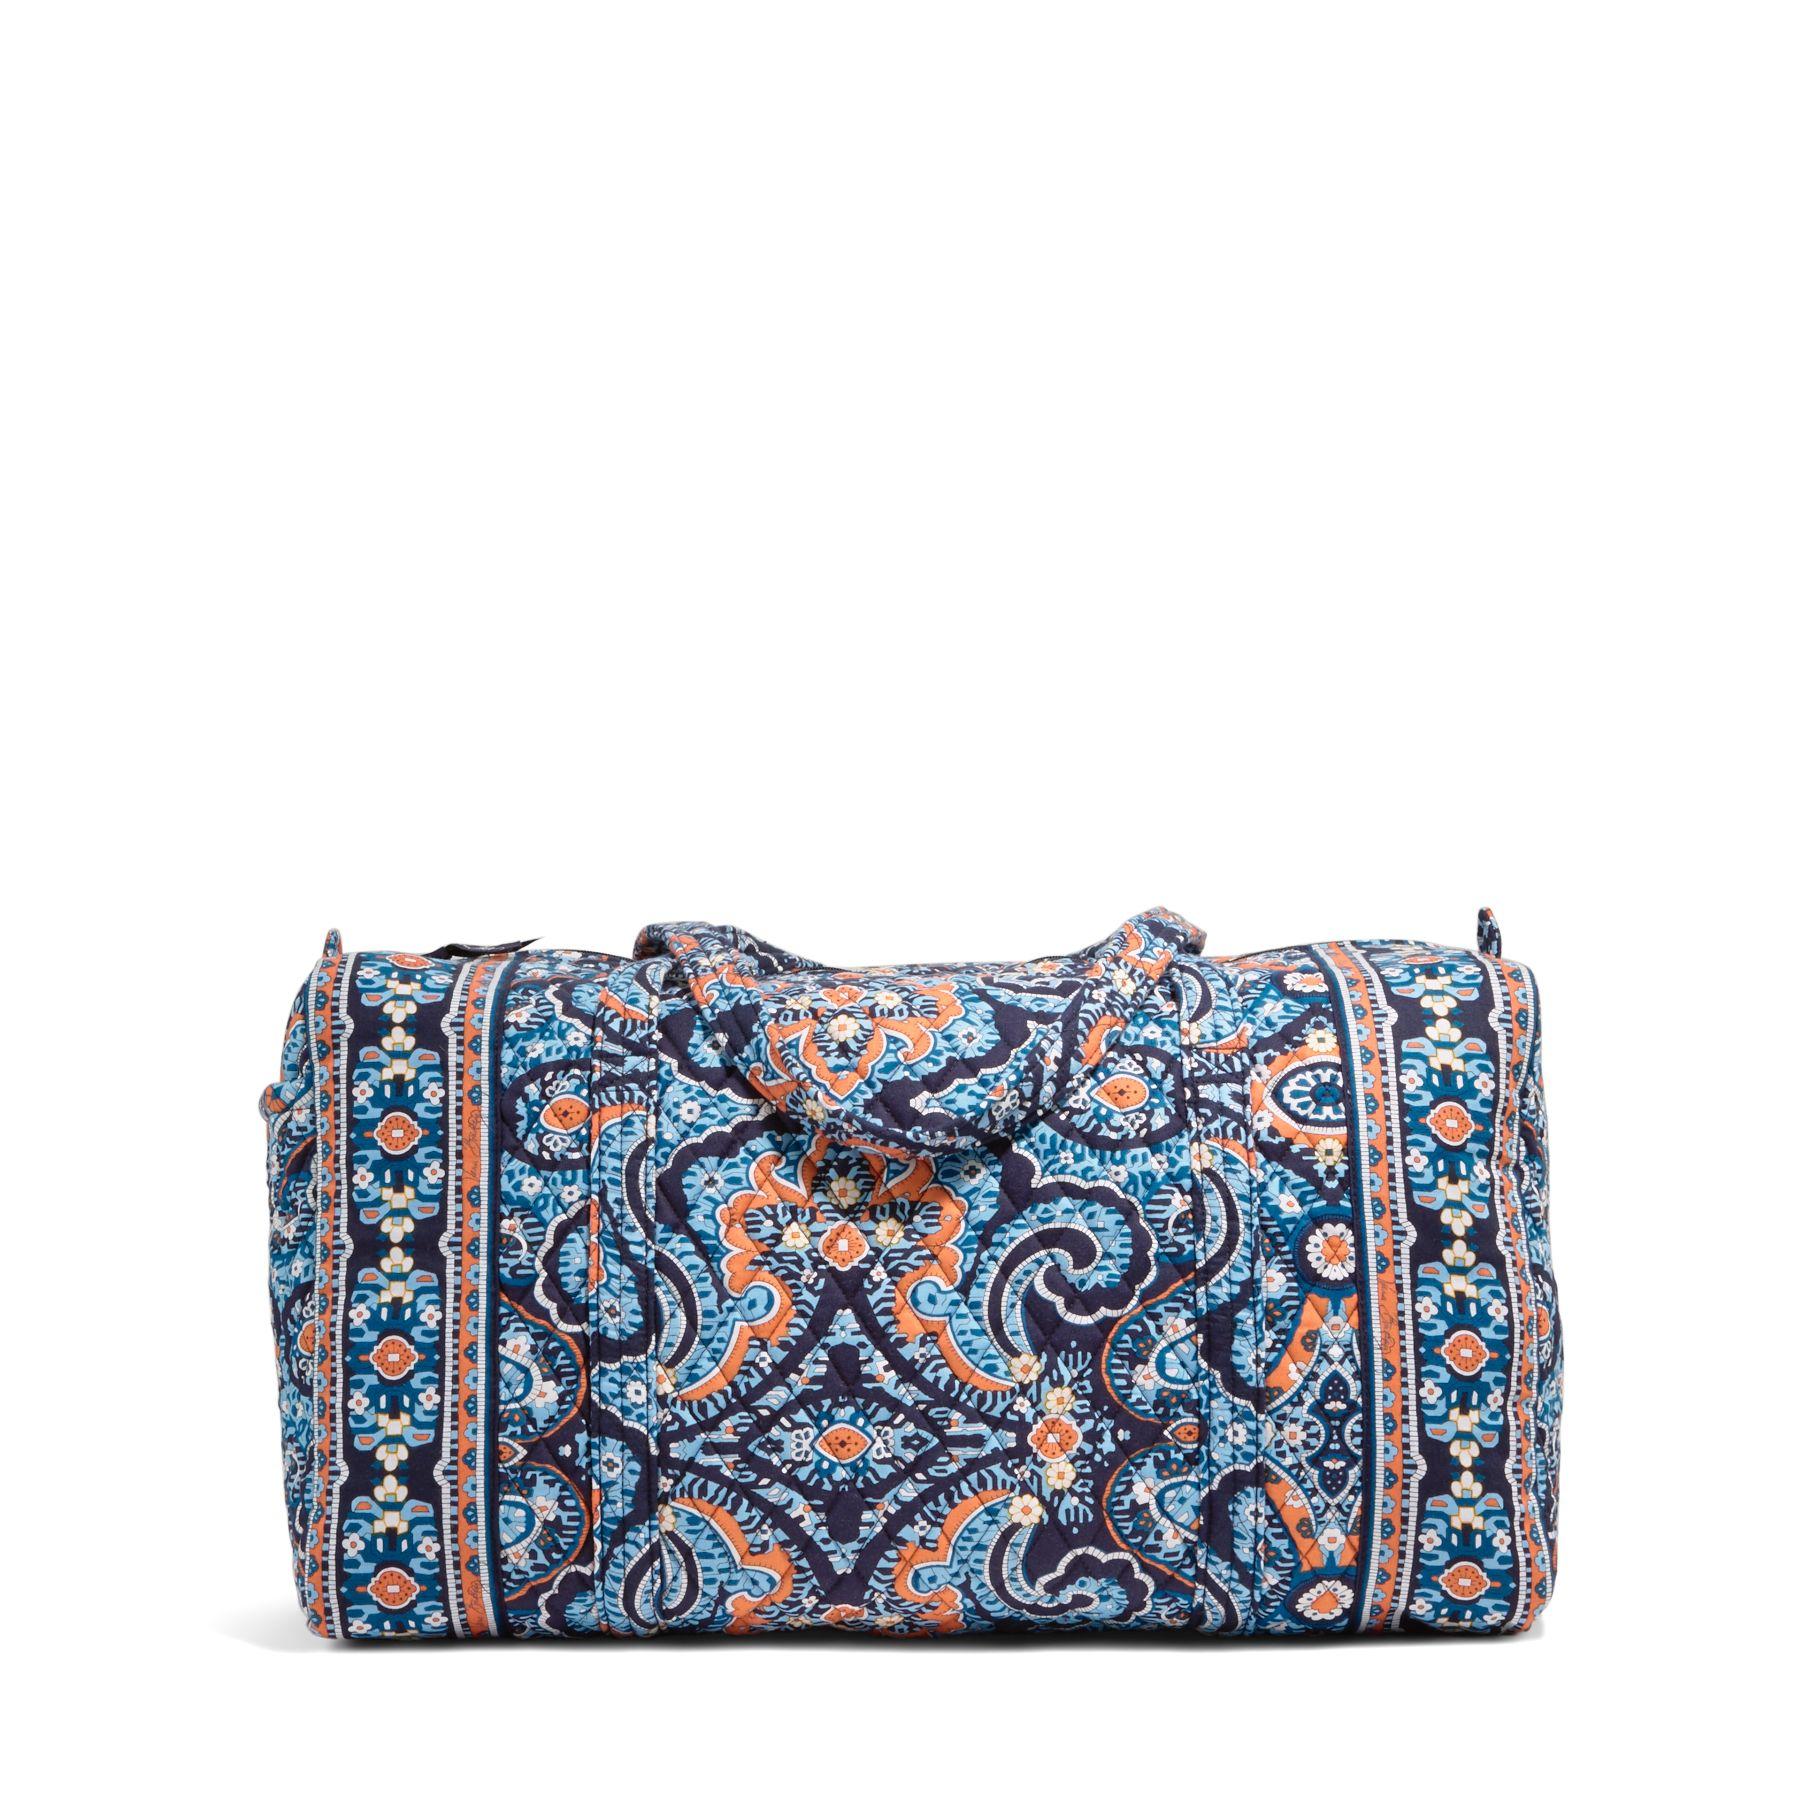 Vera Bradley Large Duffel Travel Bag in Marrakesh